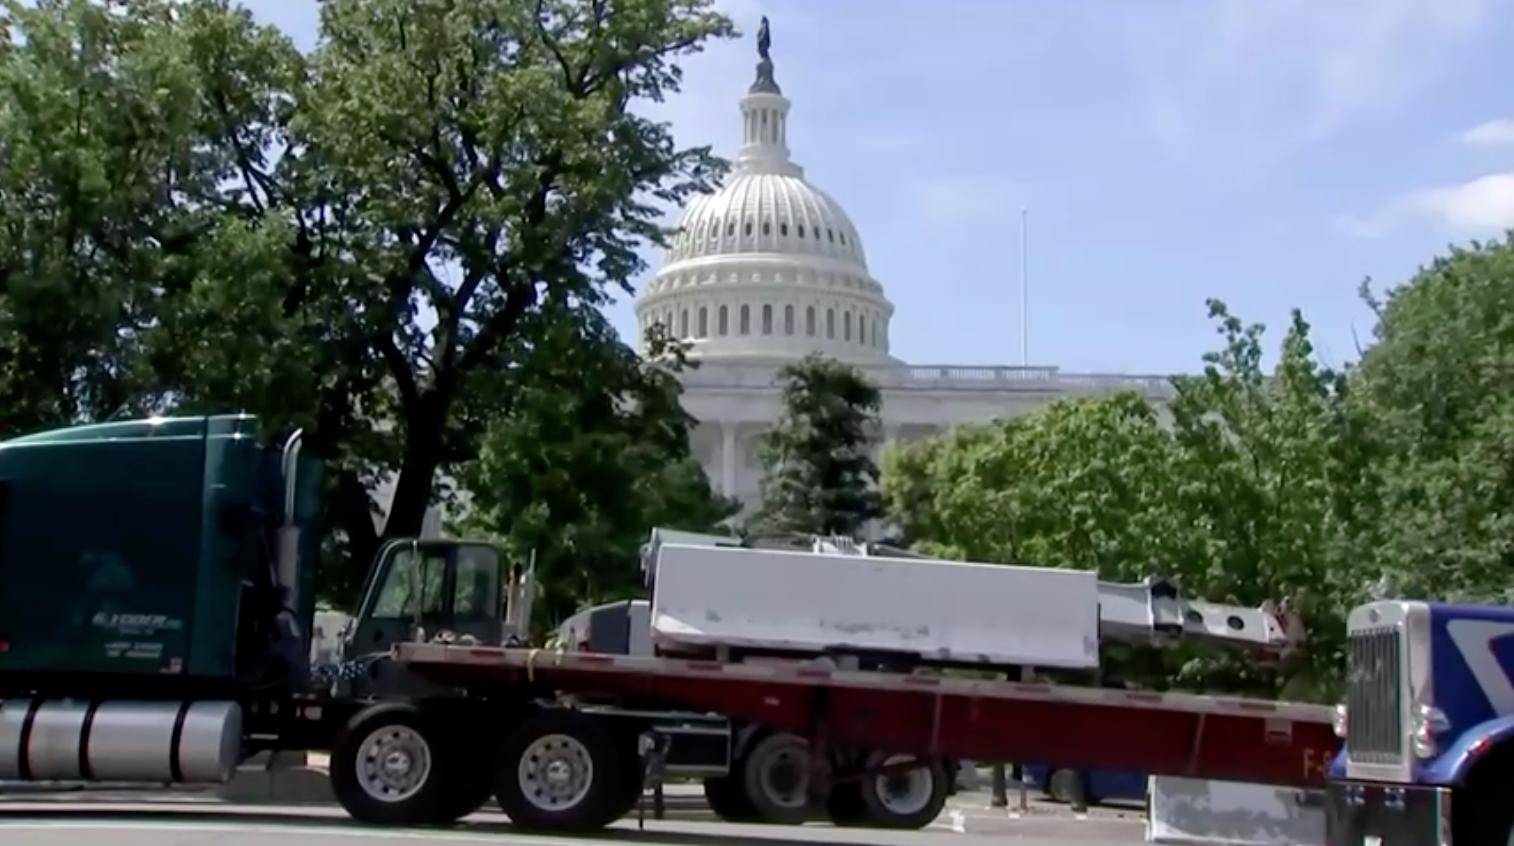 Công nhân tiến hành tháo dỡ hàng rào xung quanh tòa nhà quốc hội Hoa Kỳ 6 tháng sau cuộc bạo loạn